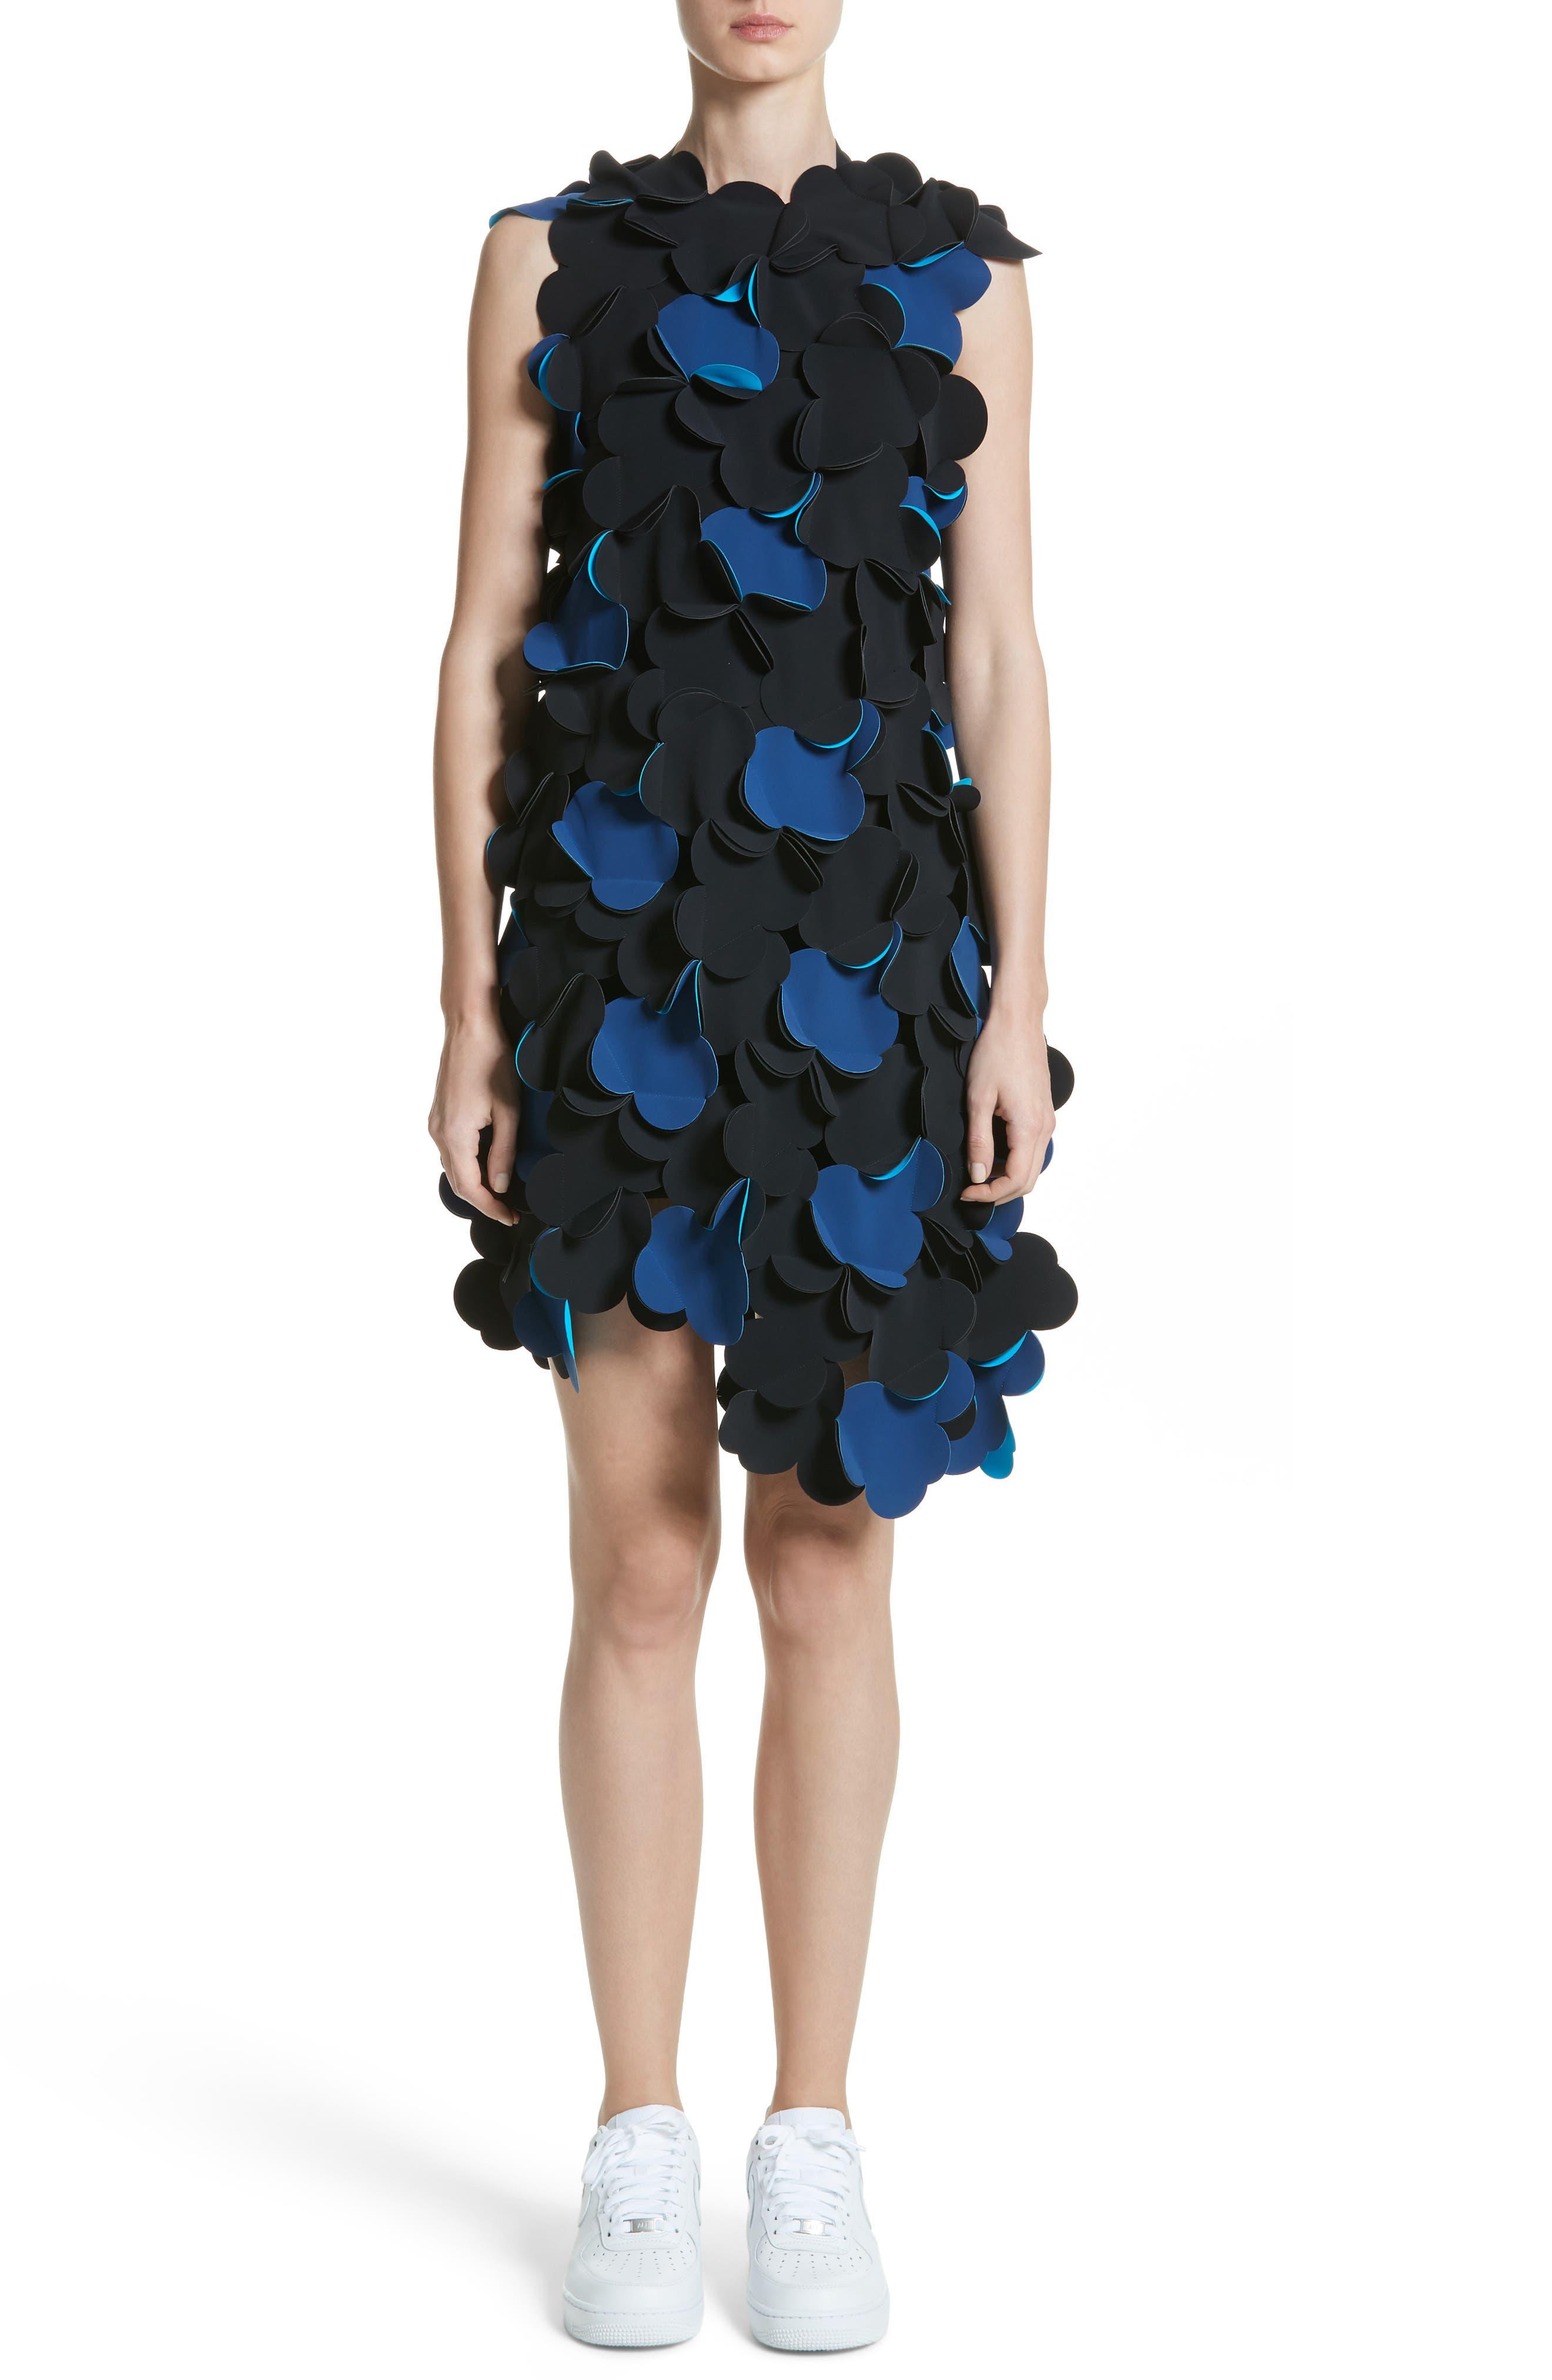 Laser Cut Appliqué Asymmetrical Dress,                             Main thumbnail 1, color,                             001